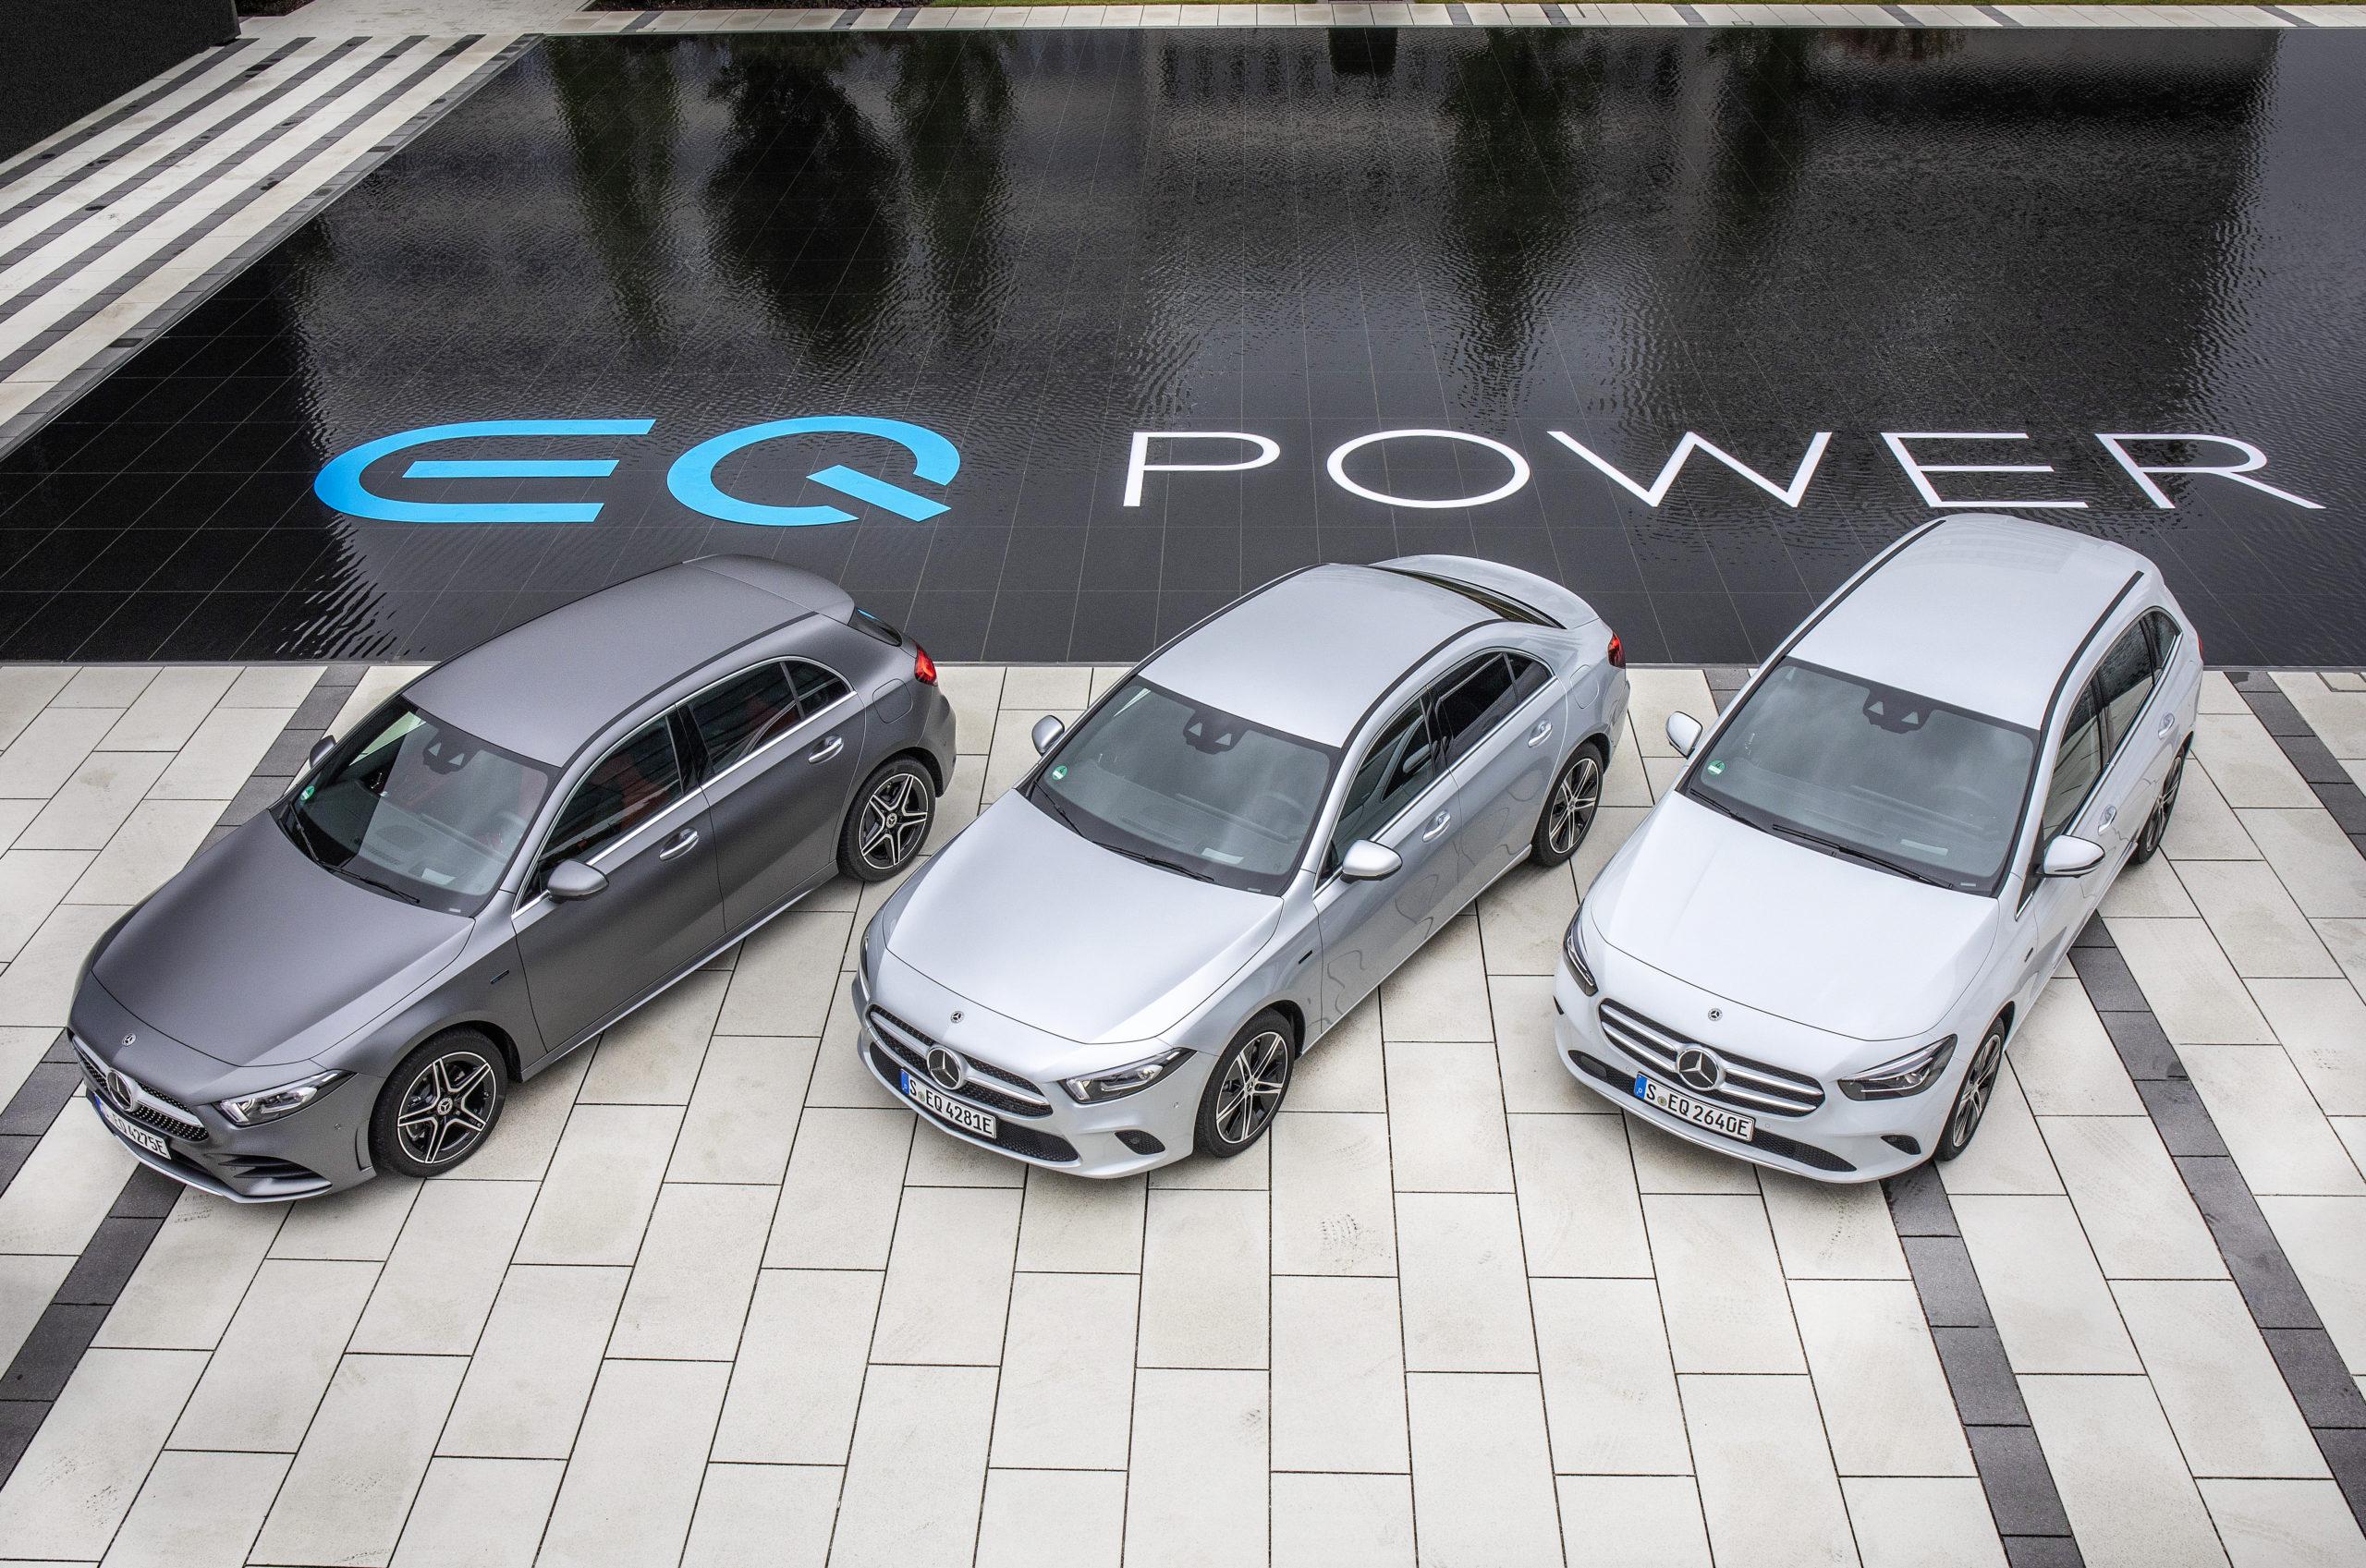 Mercedes-Benz Plug-in-Hybride - die neue EQ Power Familie Frankfurt 2019Mercedes-Benz plug-in hybrids - The New EQ Power Family Frankfurt, September 2019